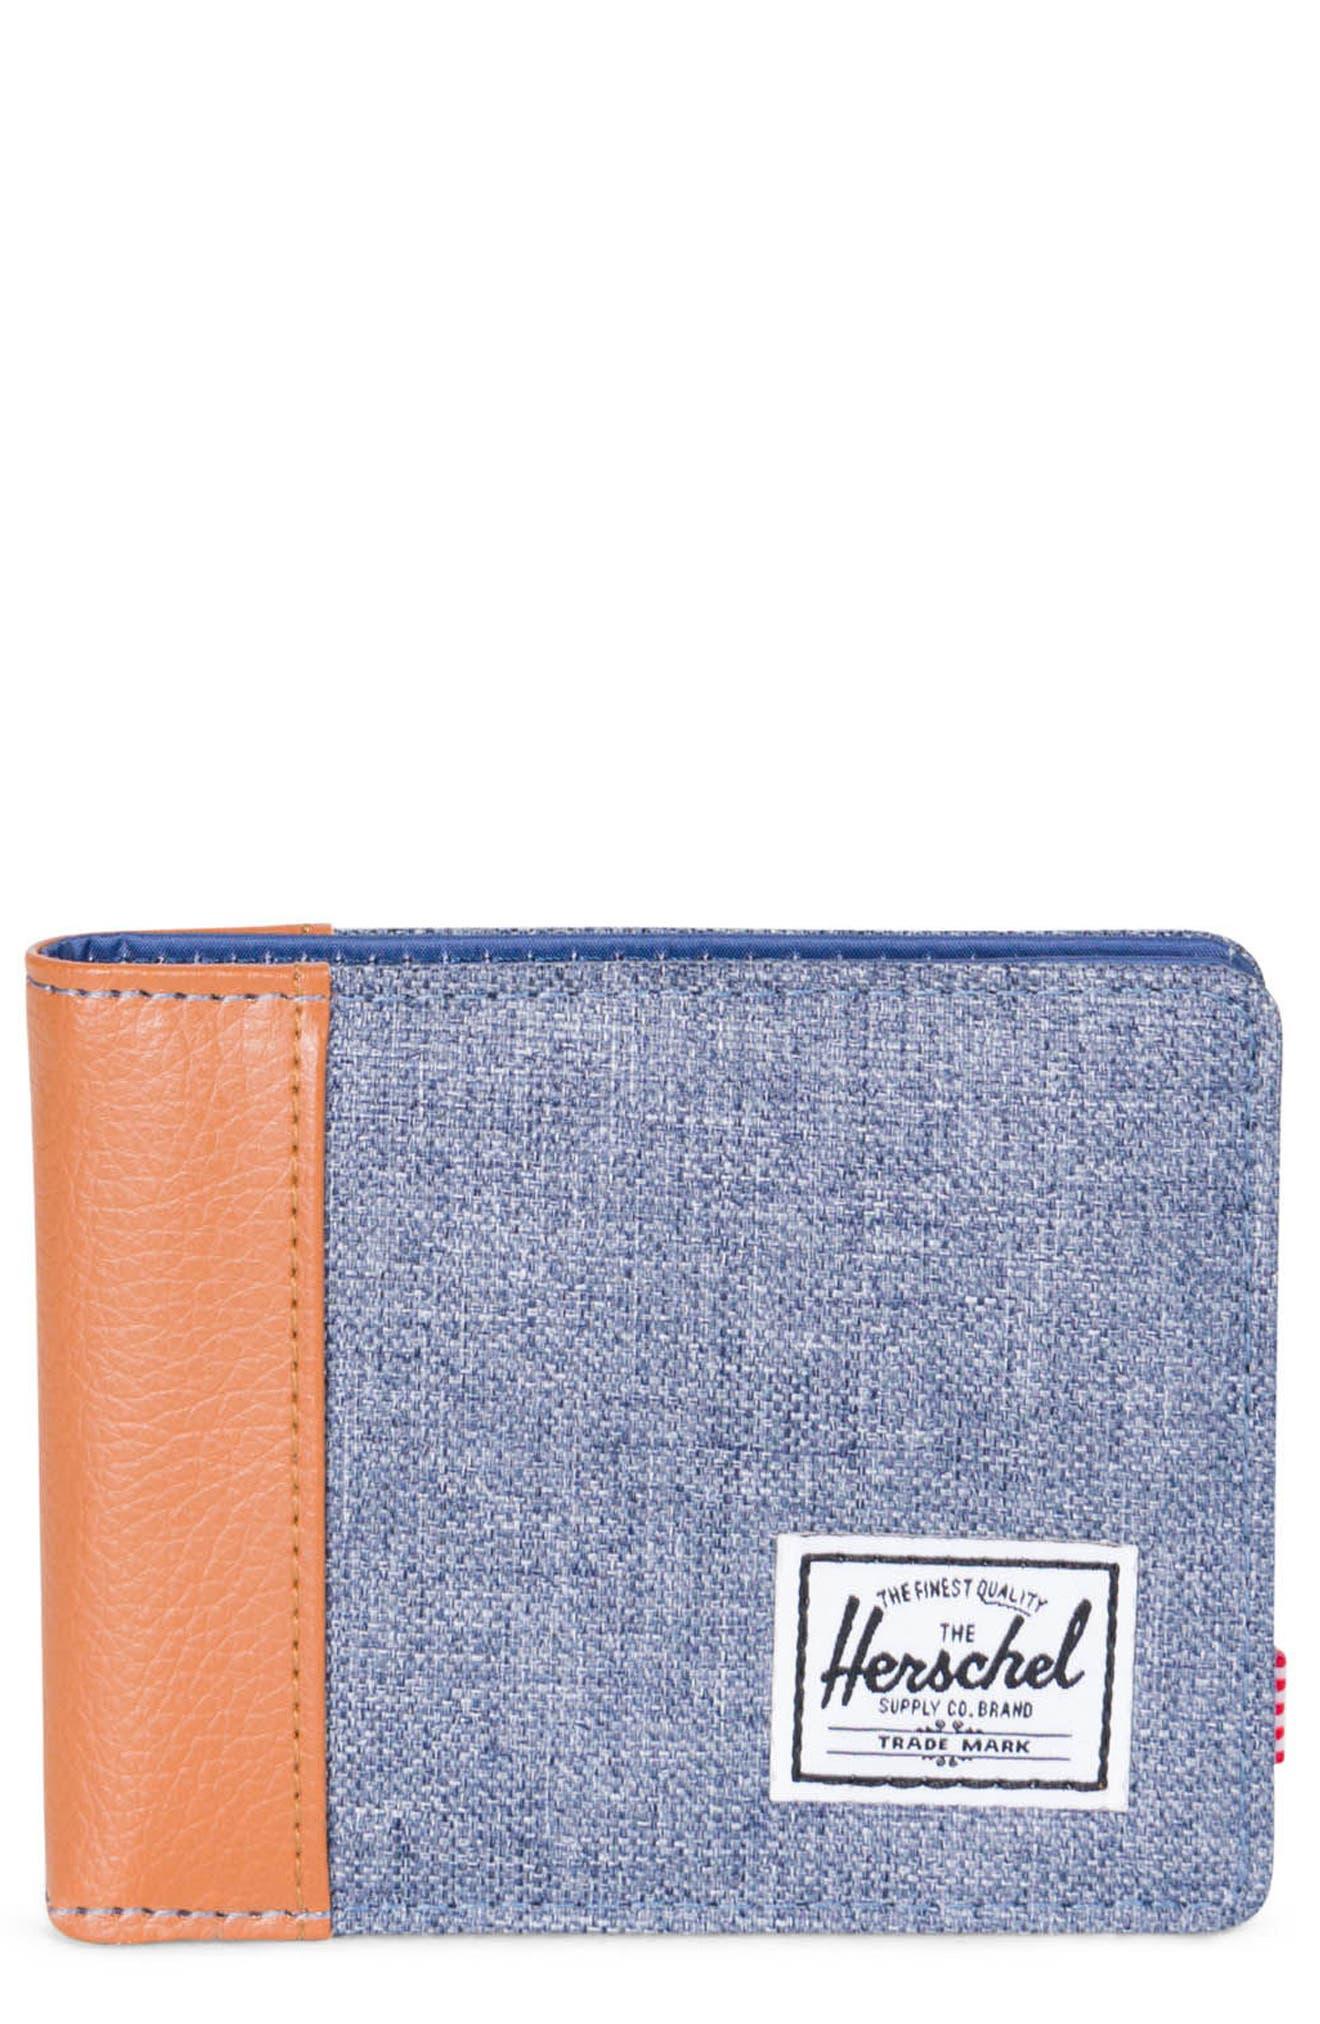 Herschel Supply Co. Edward Bifold Wallet